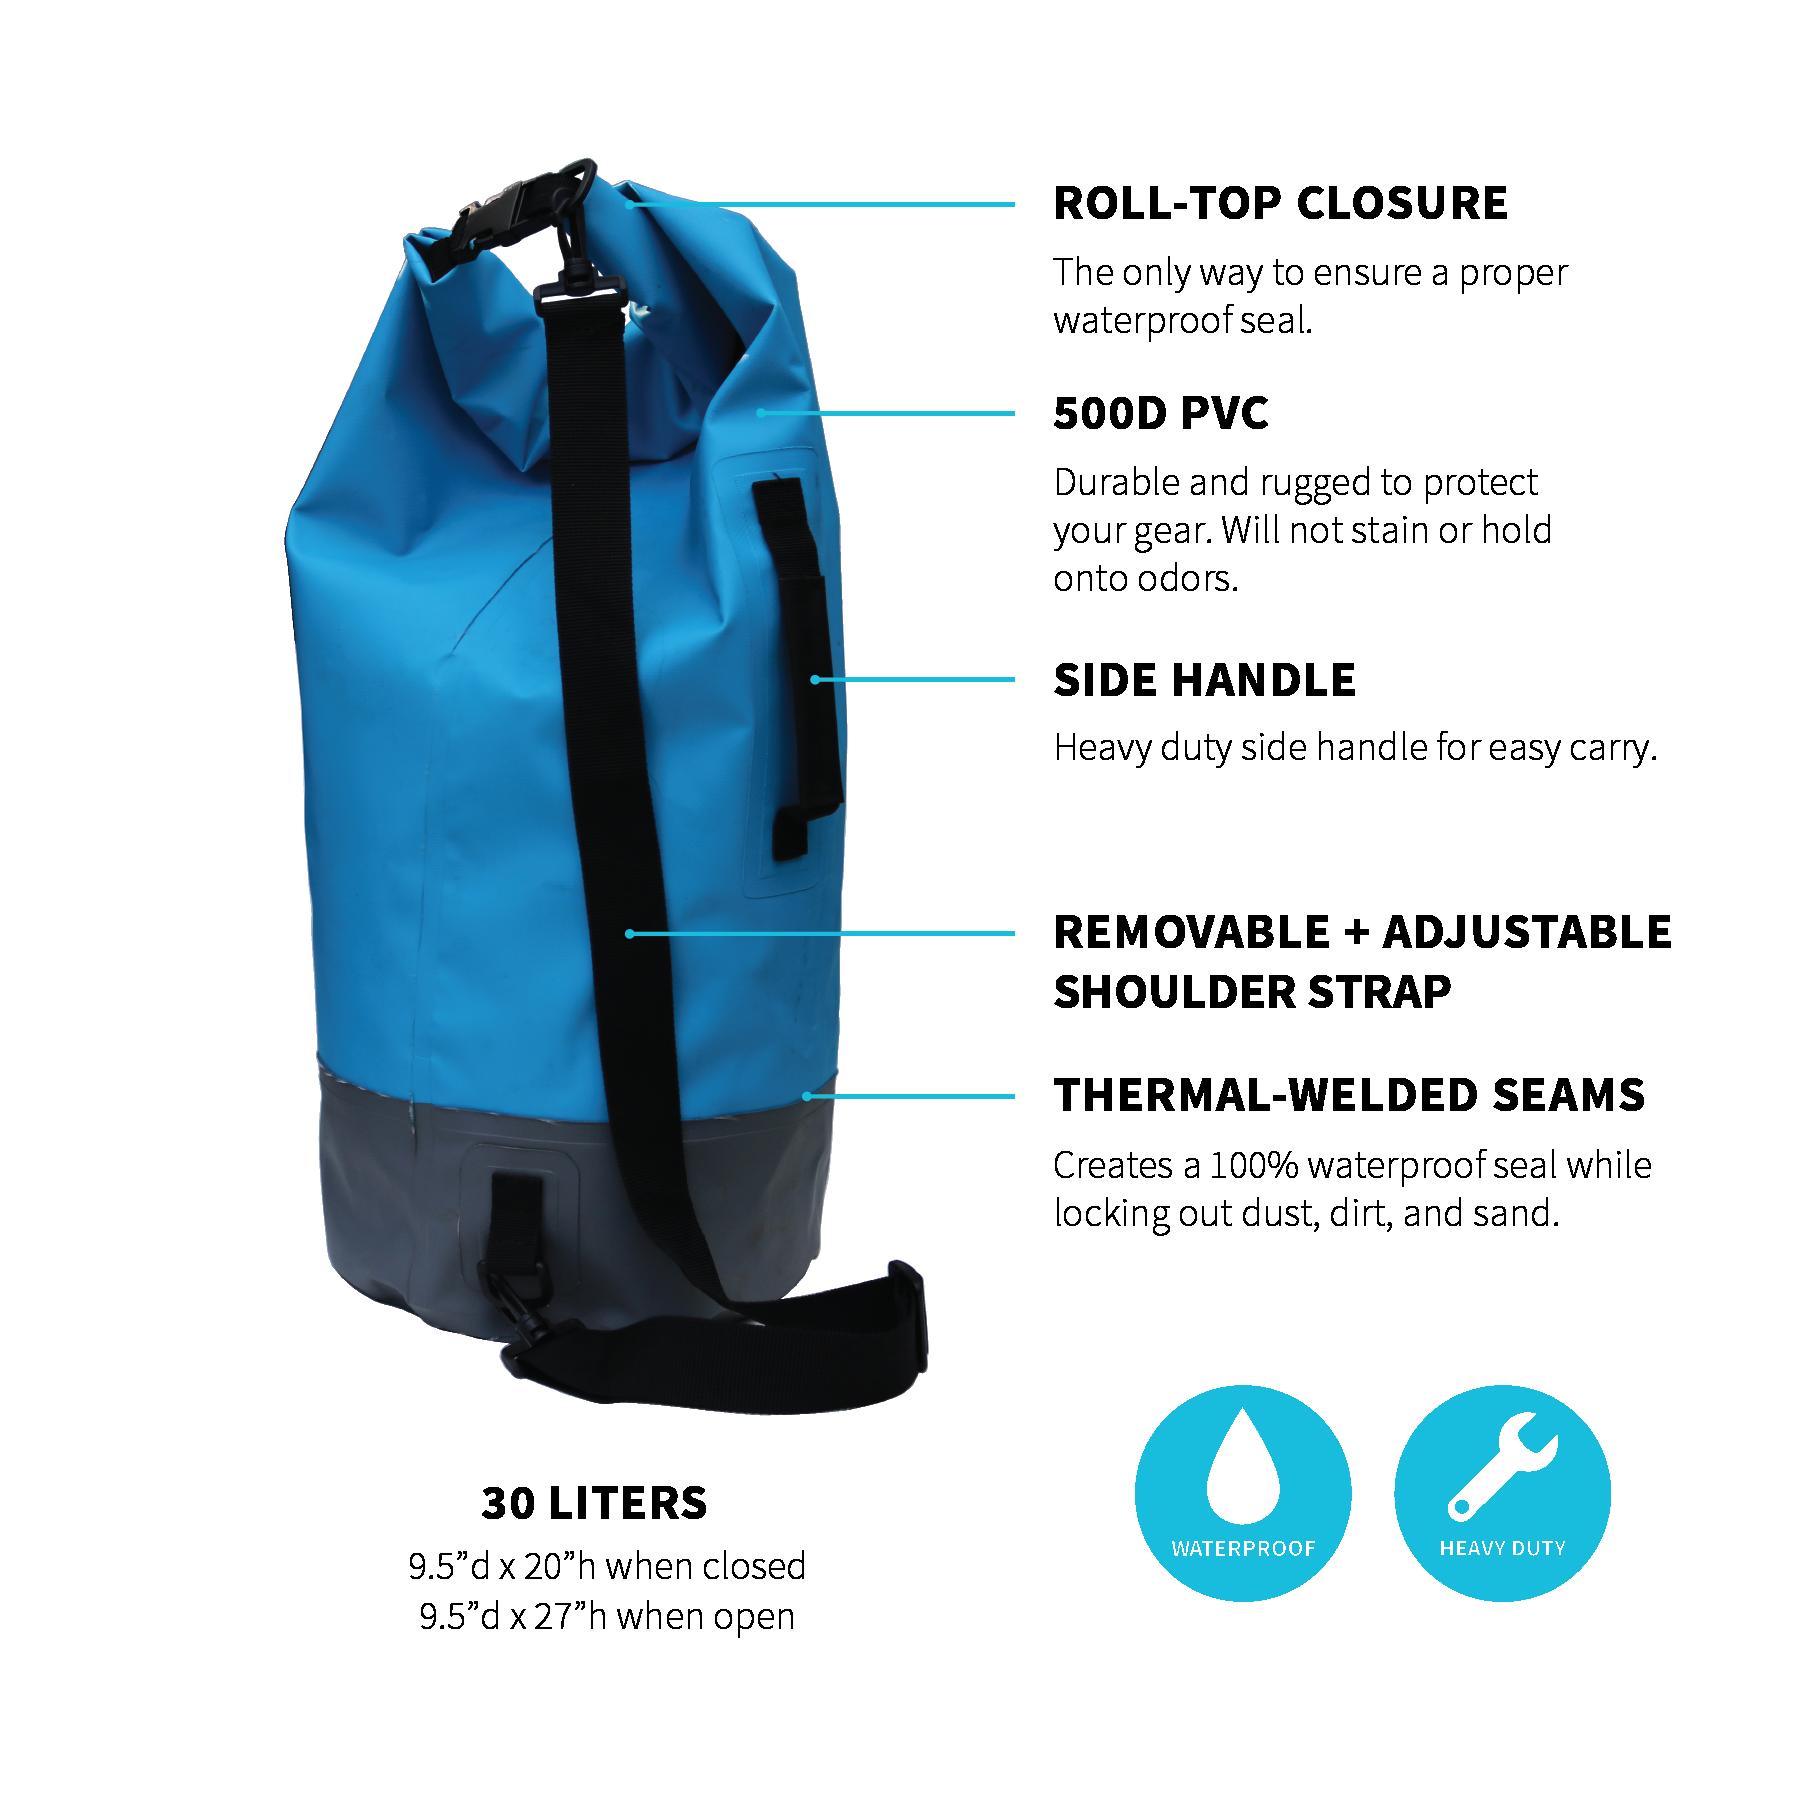 Buy 1 Dry Bag, Get 2 Water Bottles Free